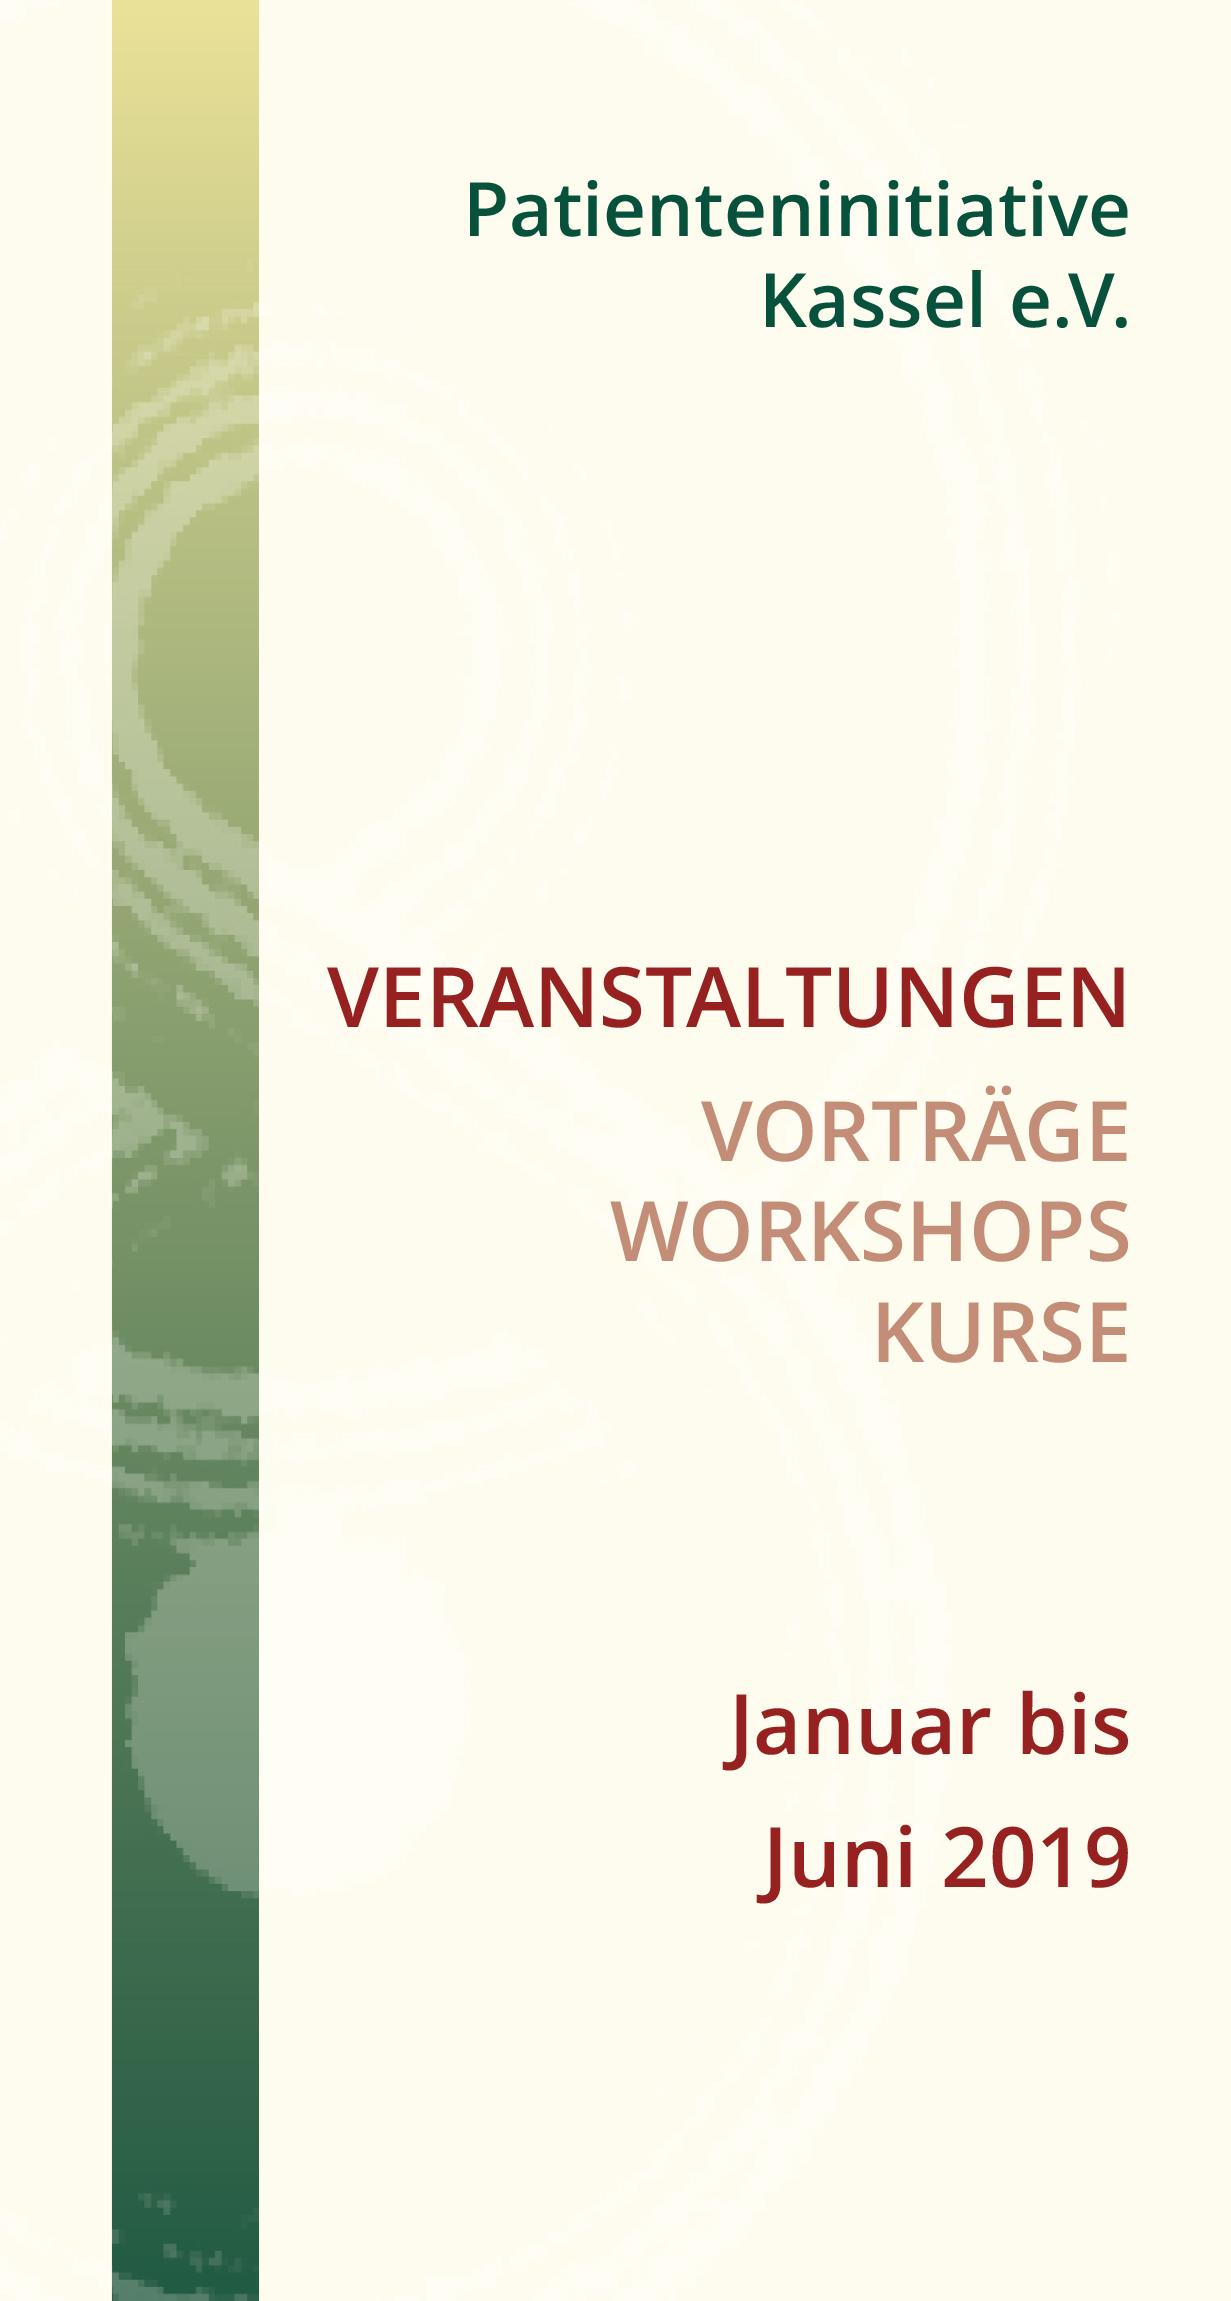 Programm Patienteninitiative Kassel